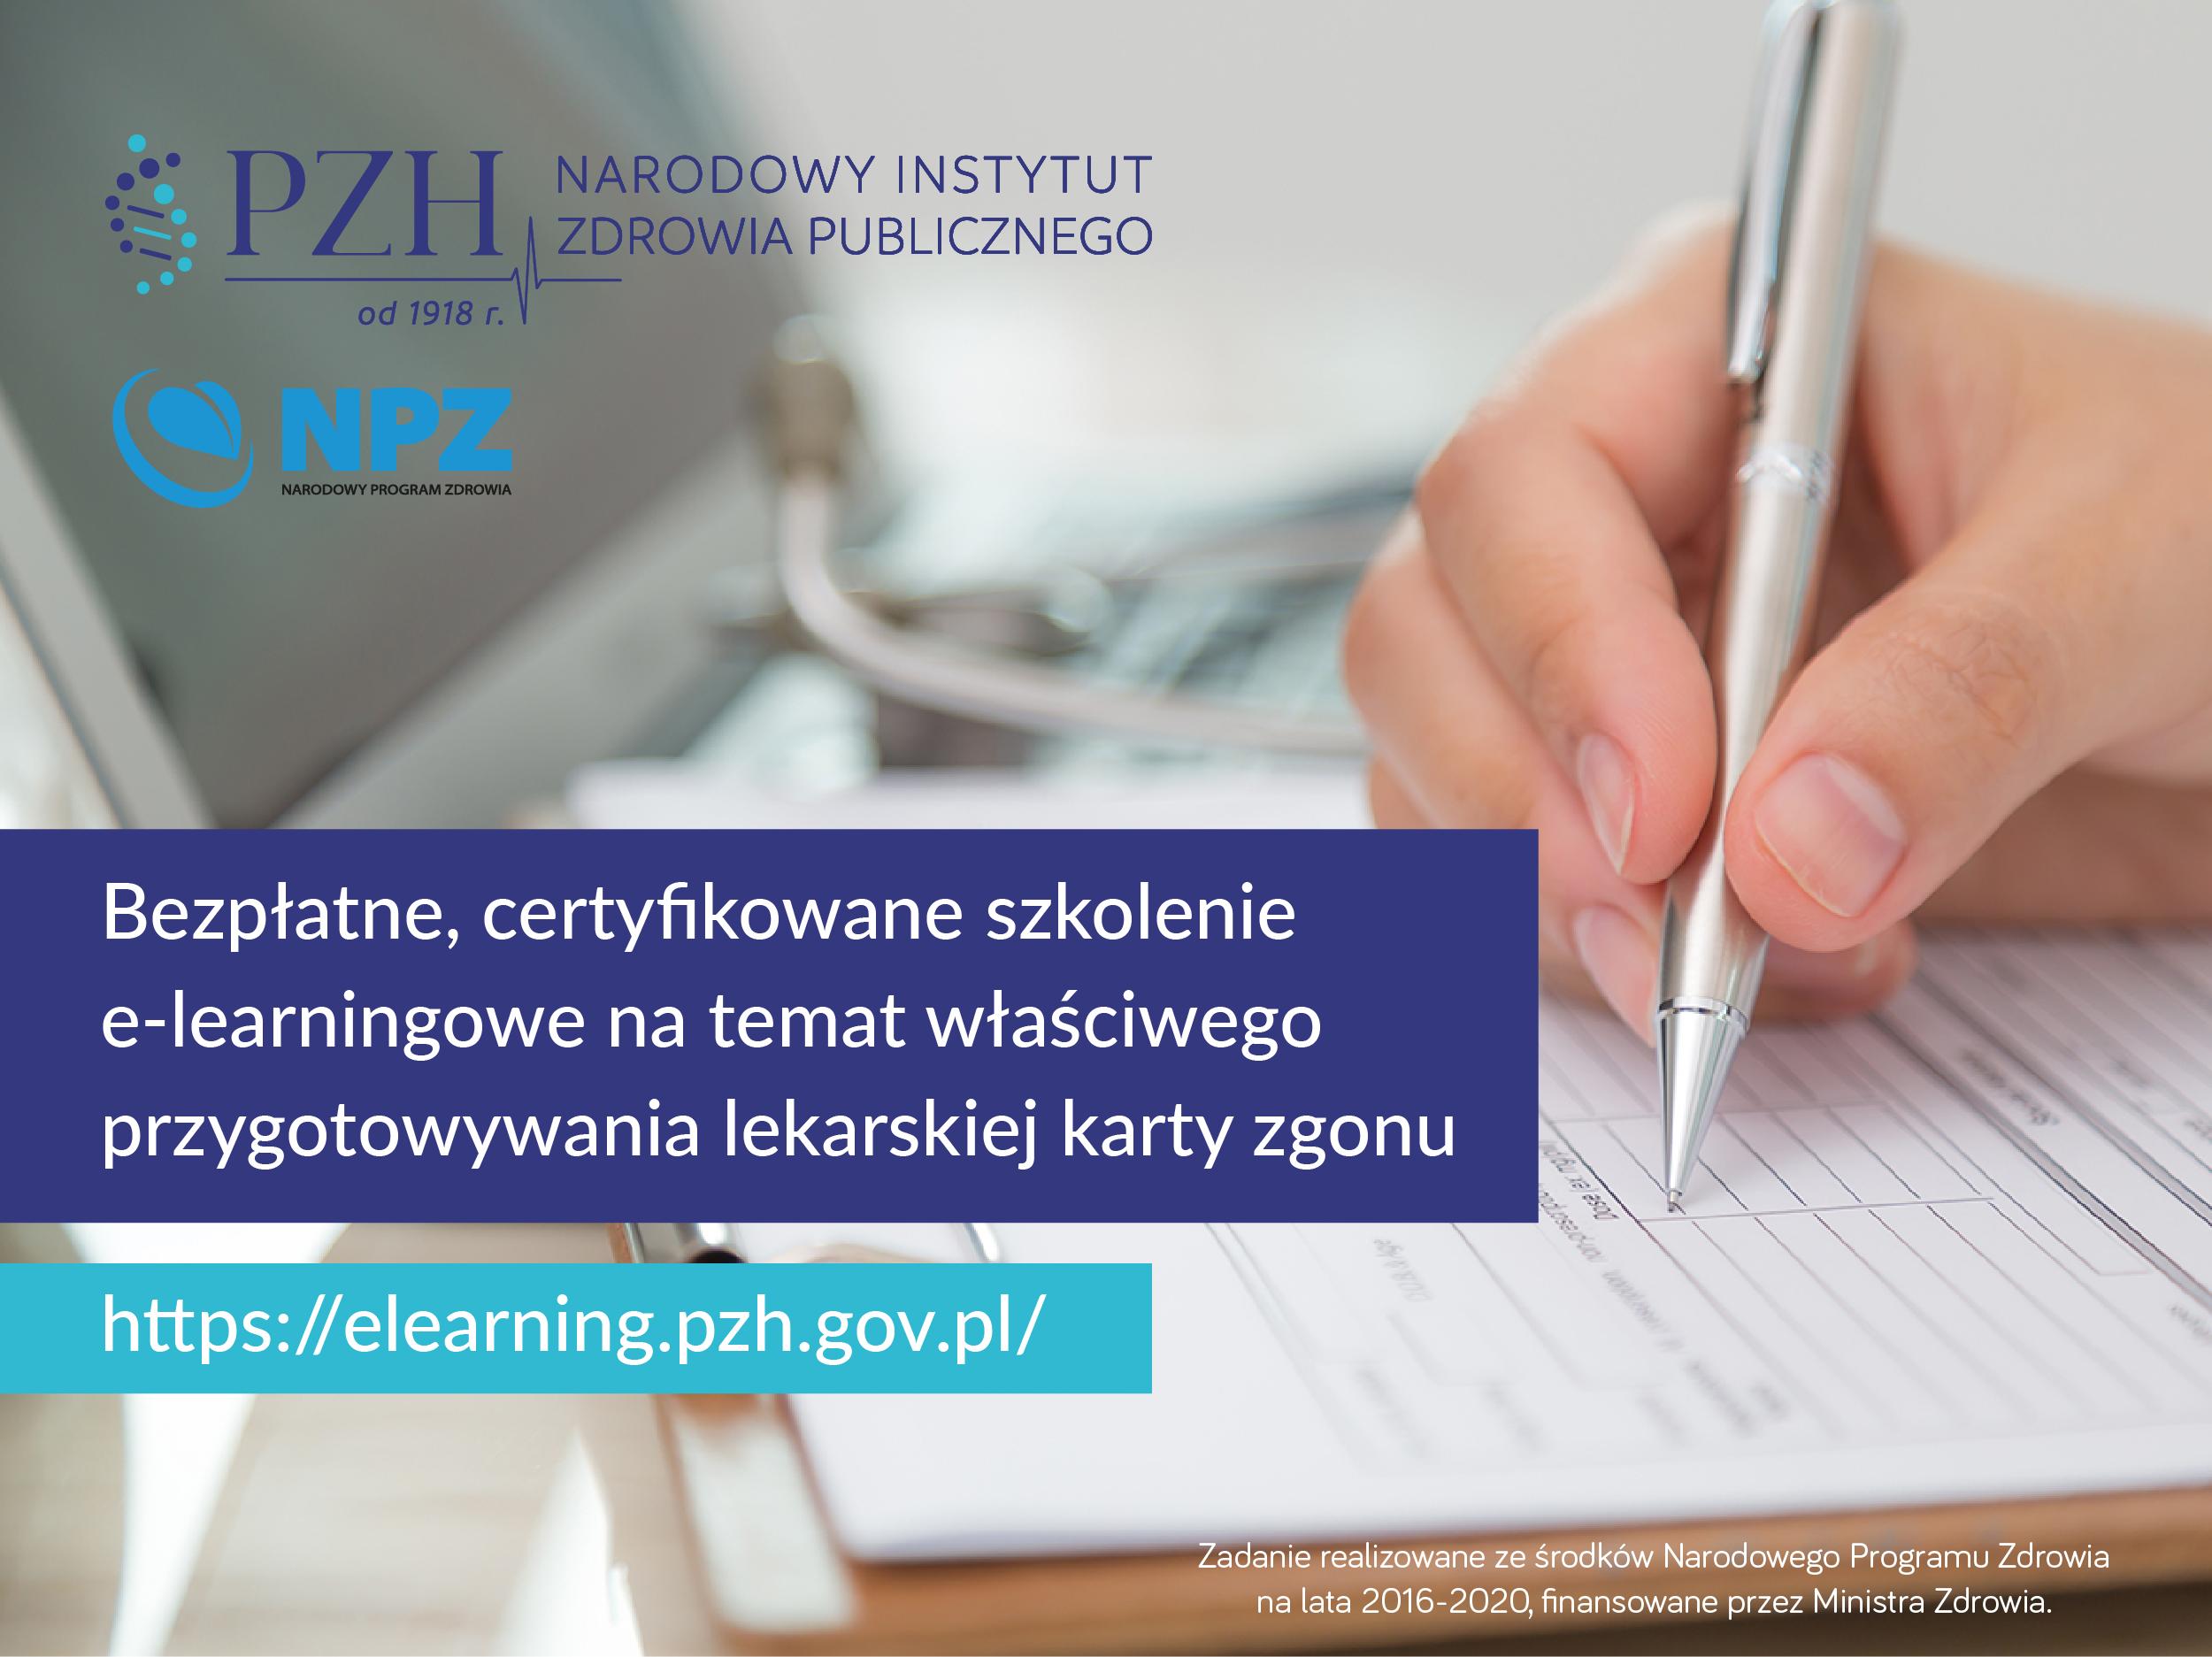 Zaproszenie na szkolenie e-learningowe na temat właściwego przygotowywania lekarskiej karty zgonu.